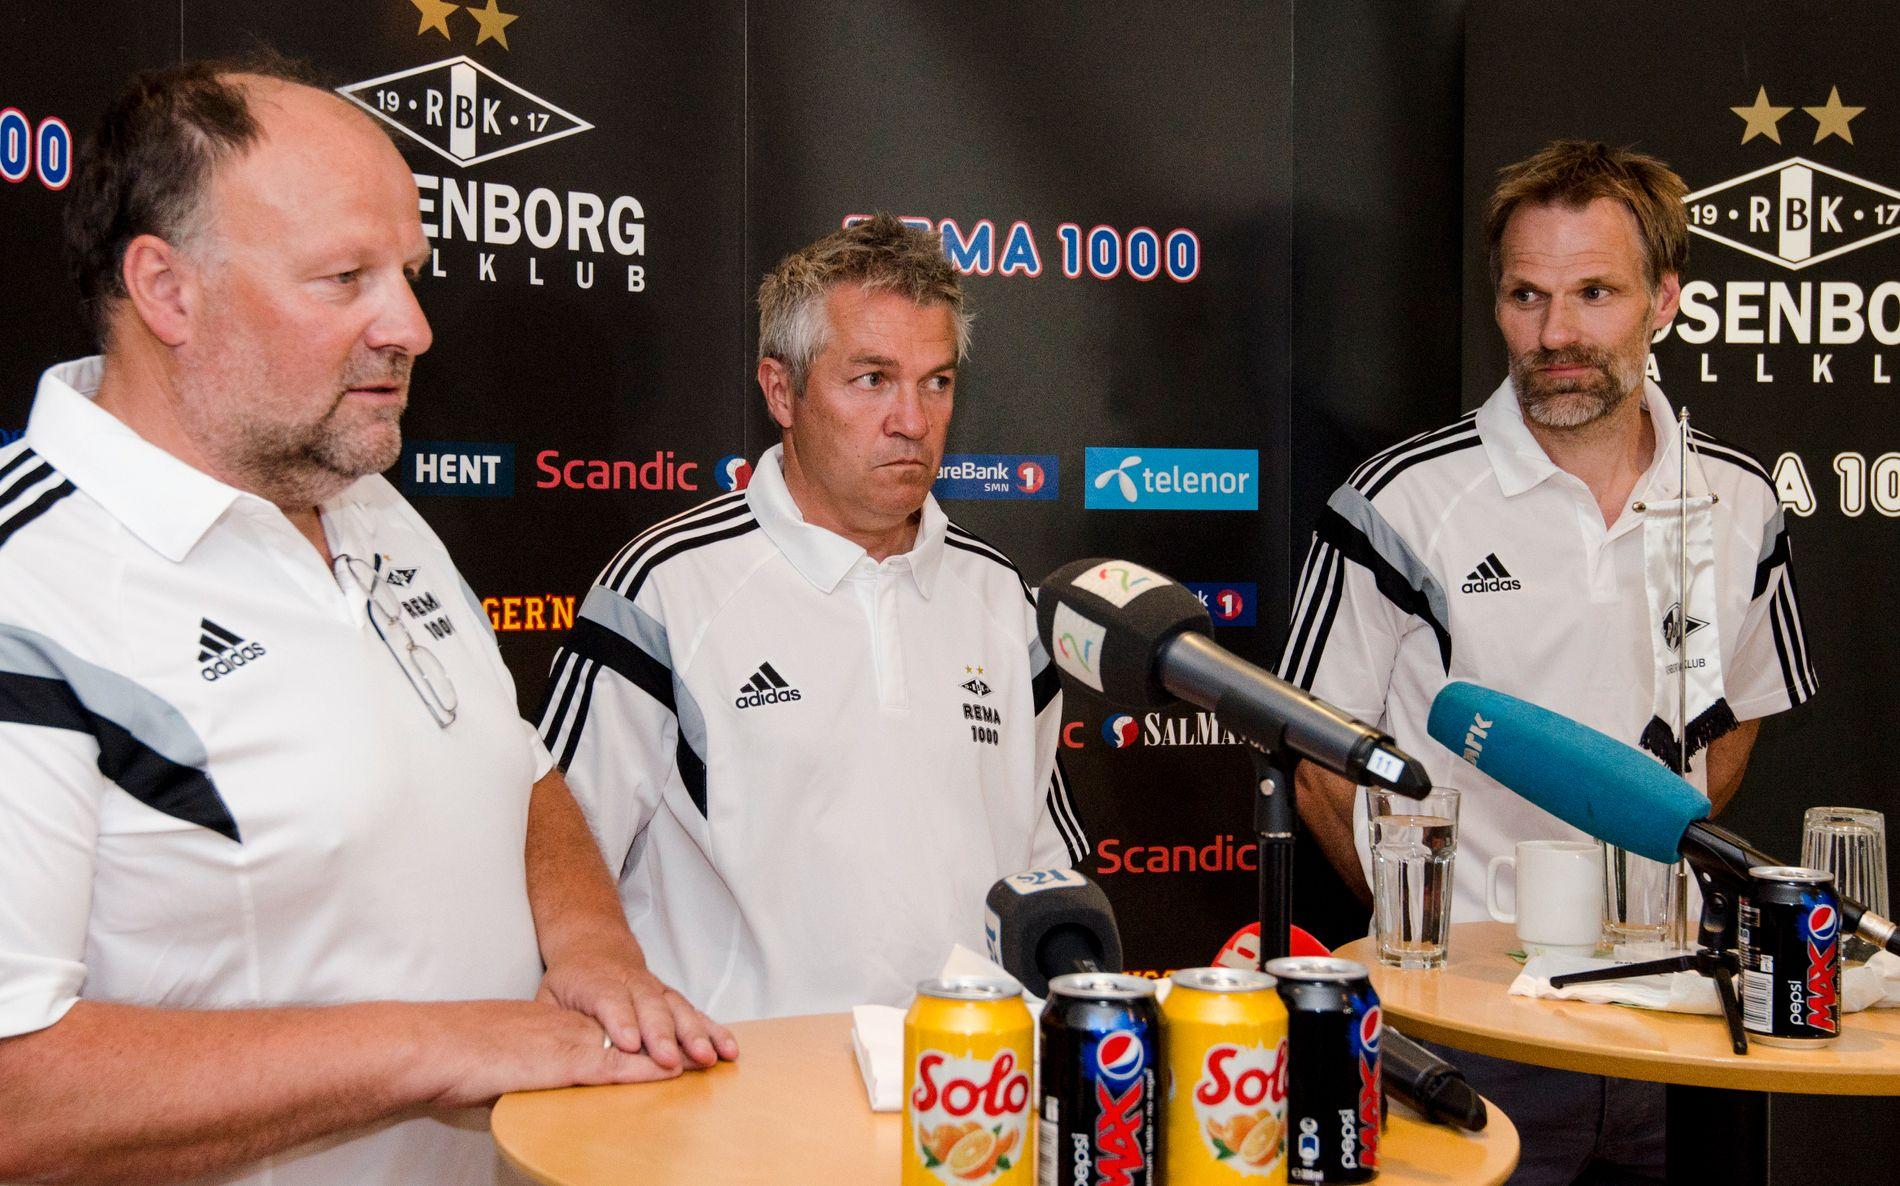 Rosenborg-styreleder Ivar Koteng hentet inn Kåre Ingebrigtsen og Erik Hoftun da Per Joar Hansen måtte gå i 2014. Nå er denne trenerduoen blitt kastet.